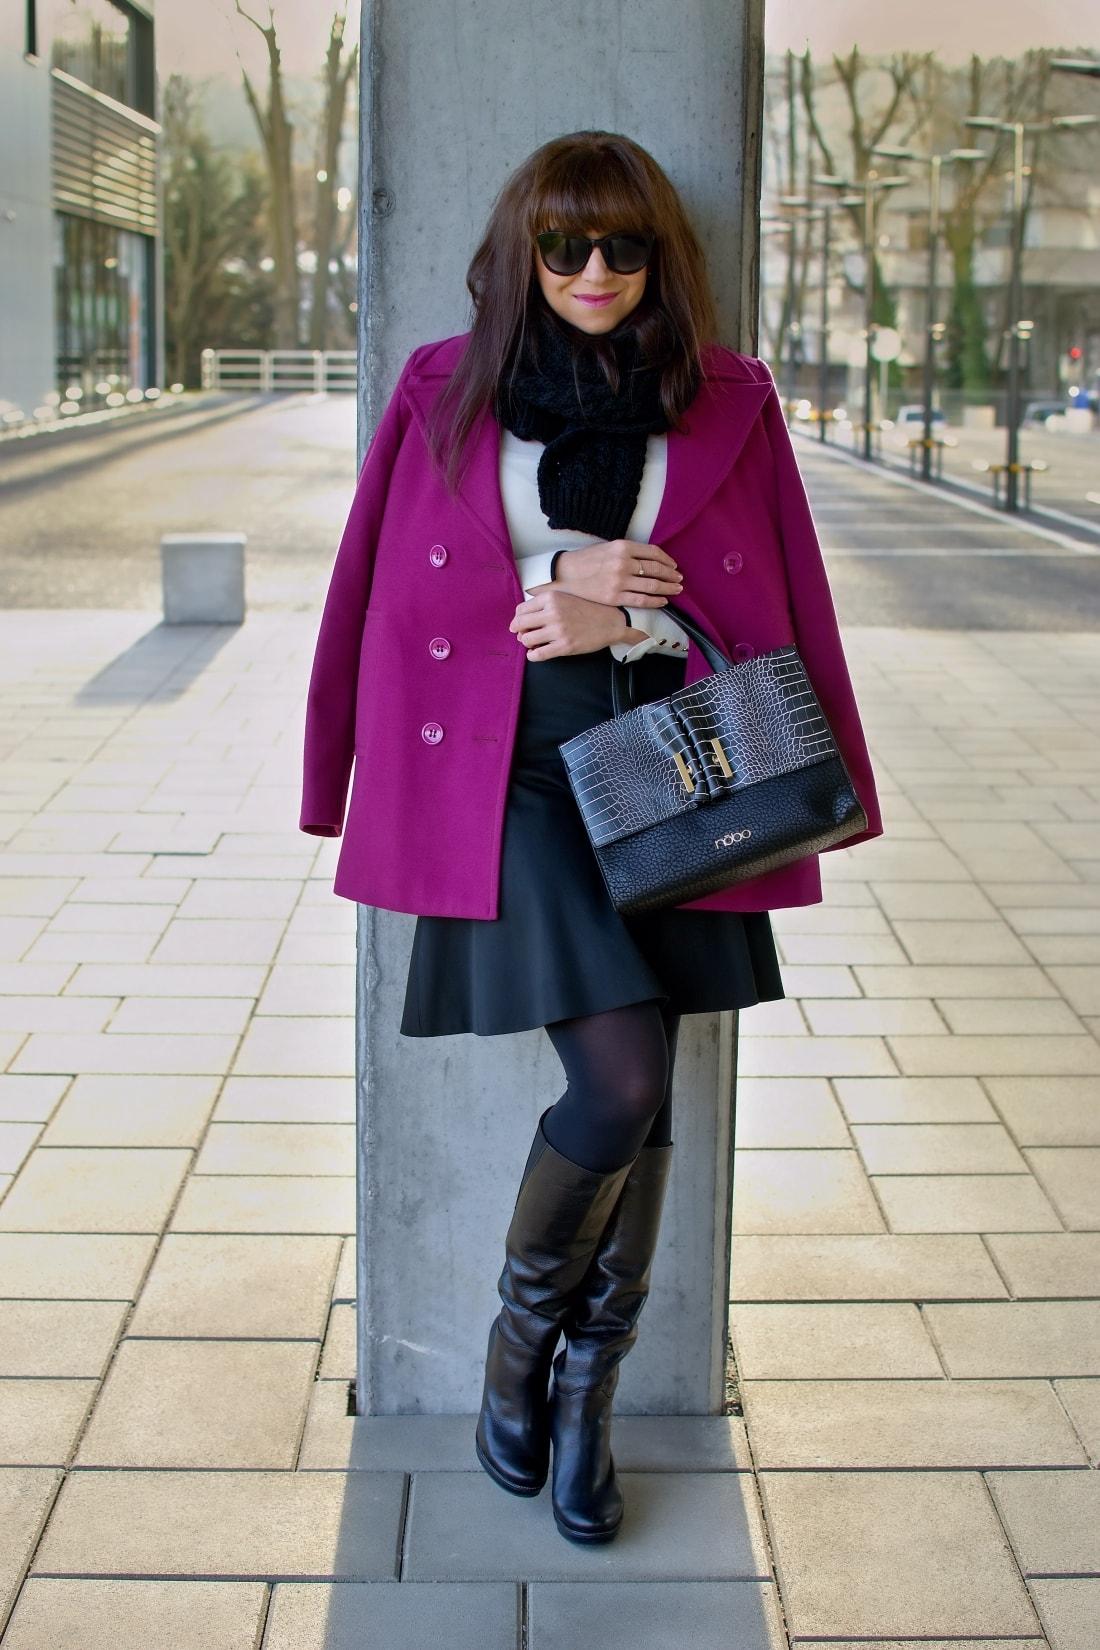 MISTEROPTIC INTERVIEW_Katharine-fashion is beautiful_blog 3_Slnečné okuliare Dolce&Gabbana_Fialový kabát_Black and white_Katarína Jakubčová_Fashion blogger